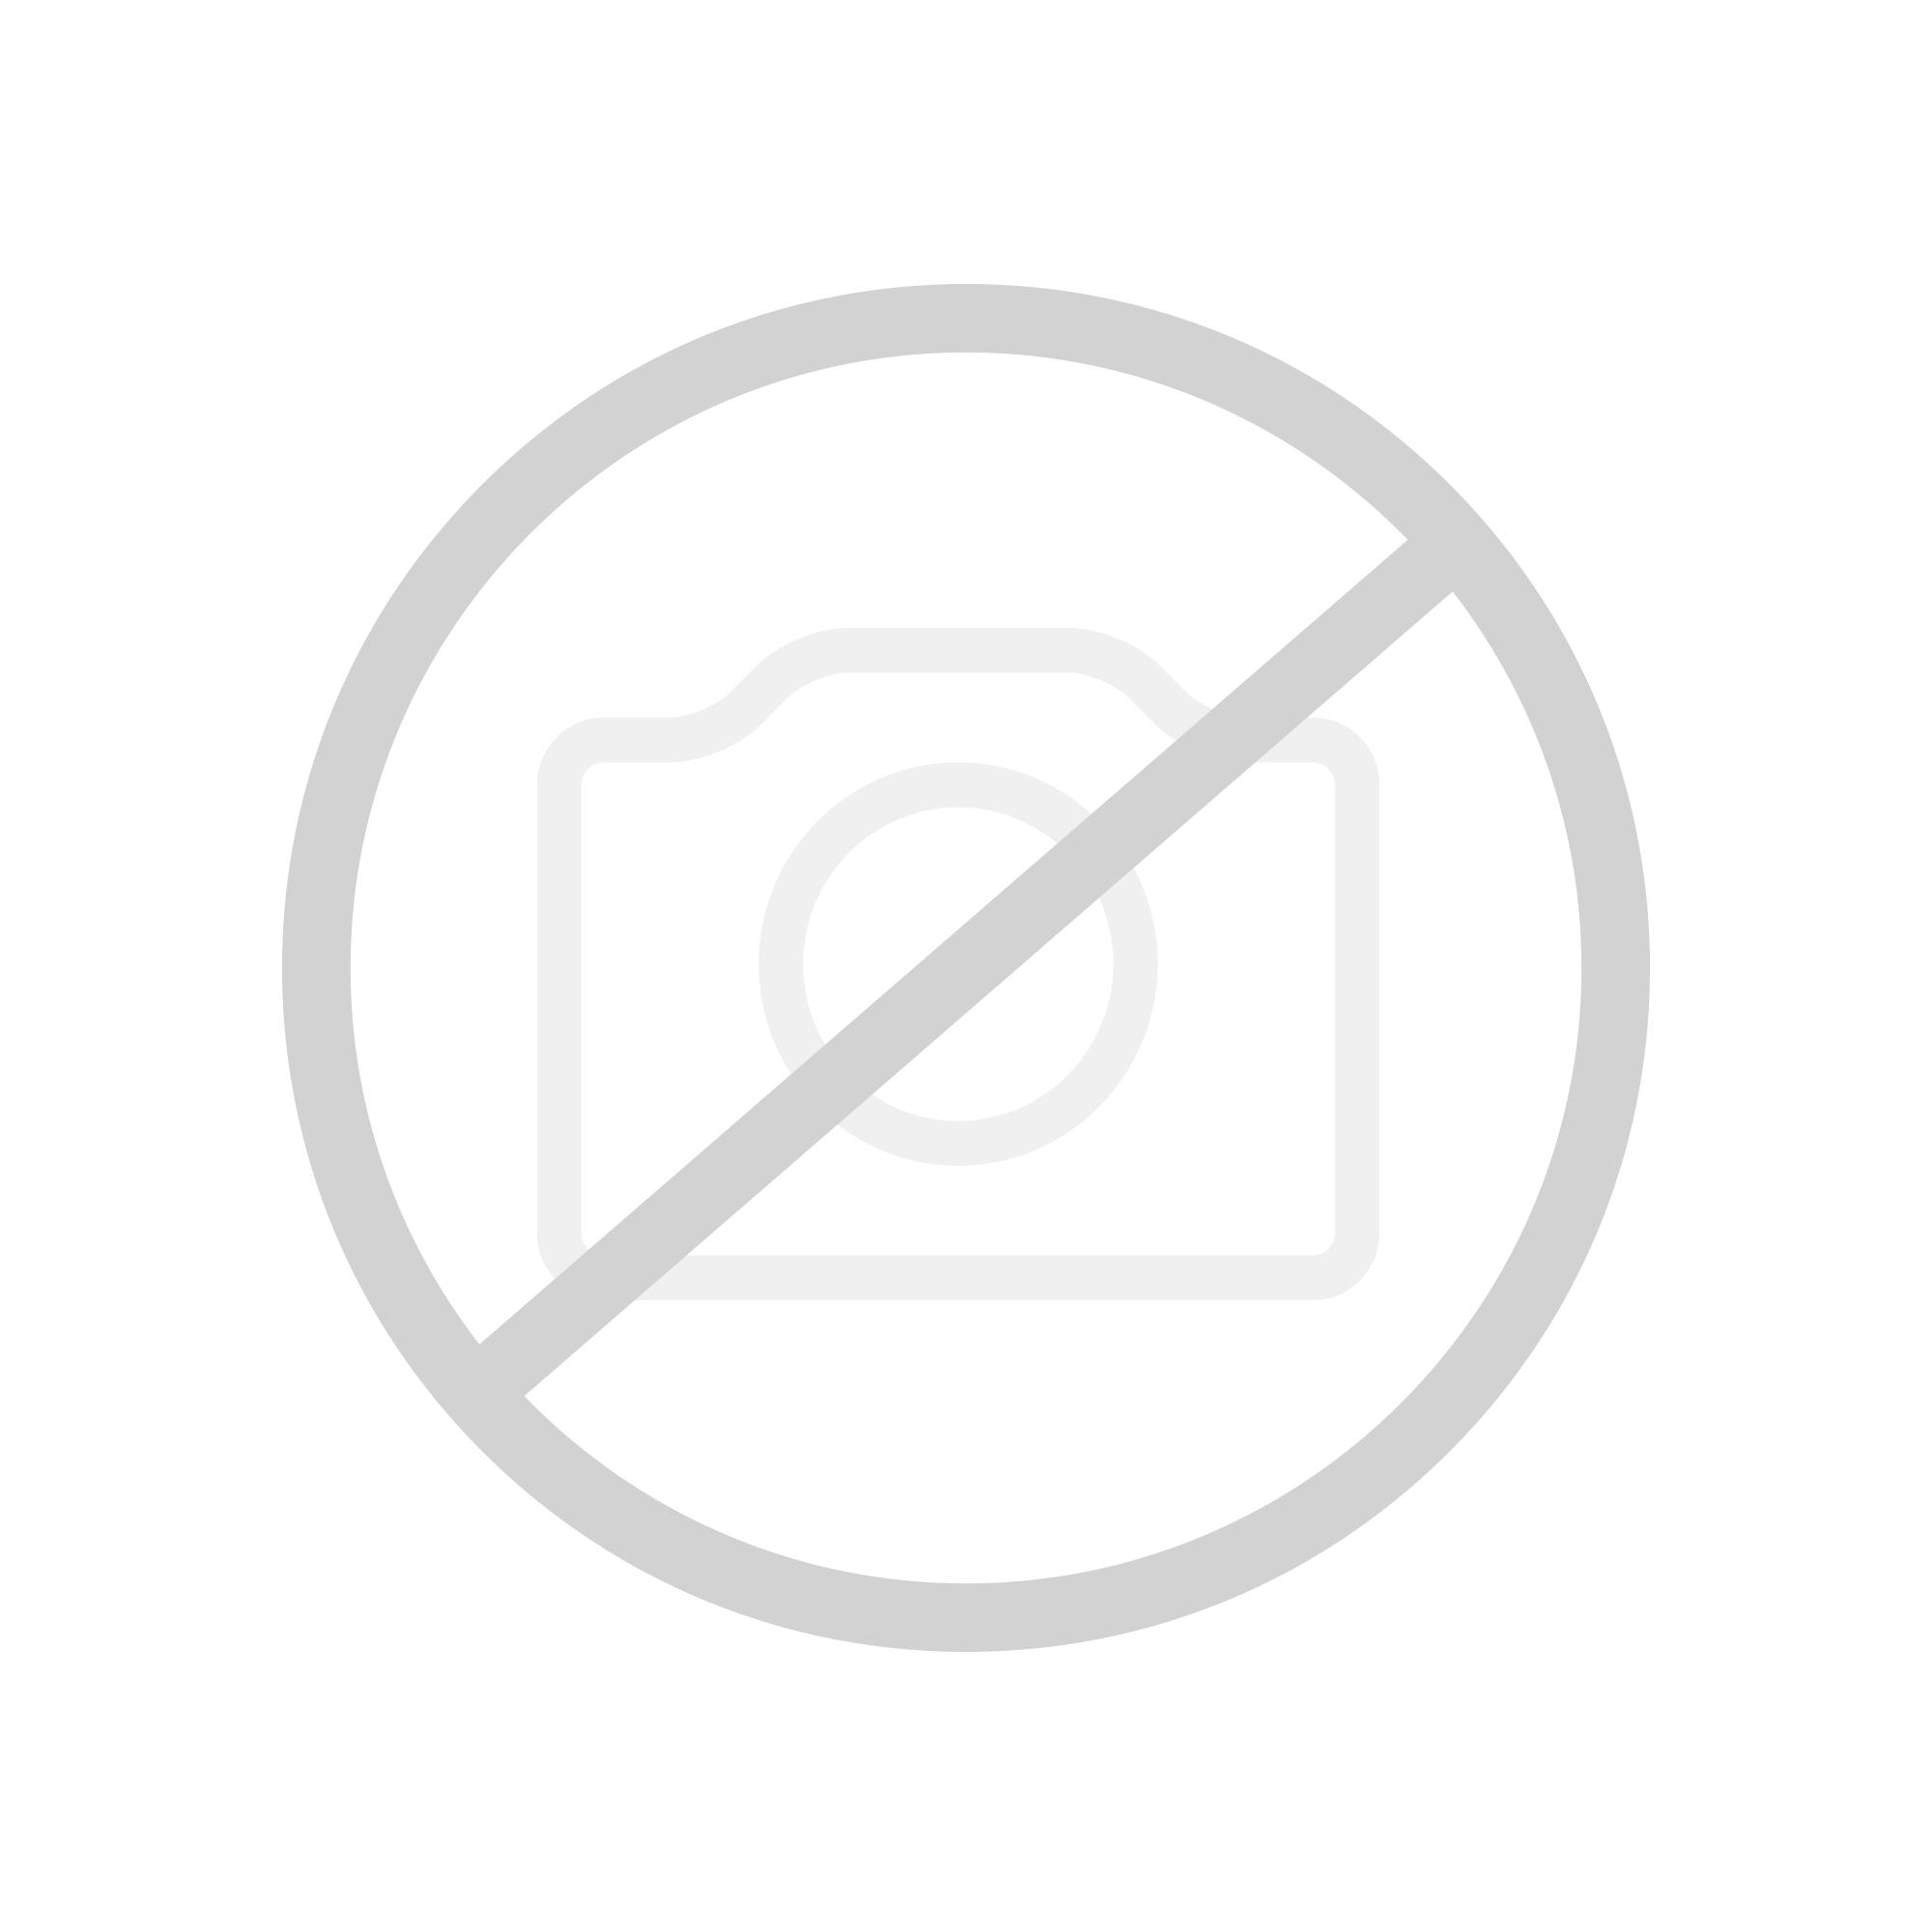 Ideal Standard Connect Wandtiefspülklosett kompakt L: 48 B: 36 cm weiß